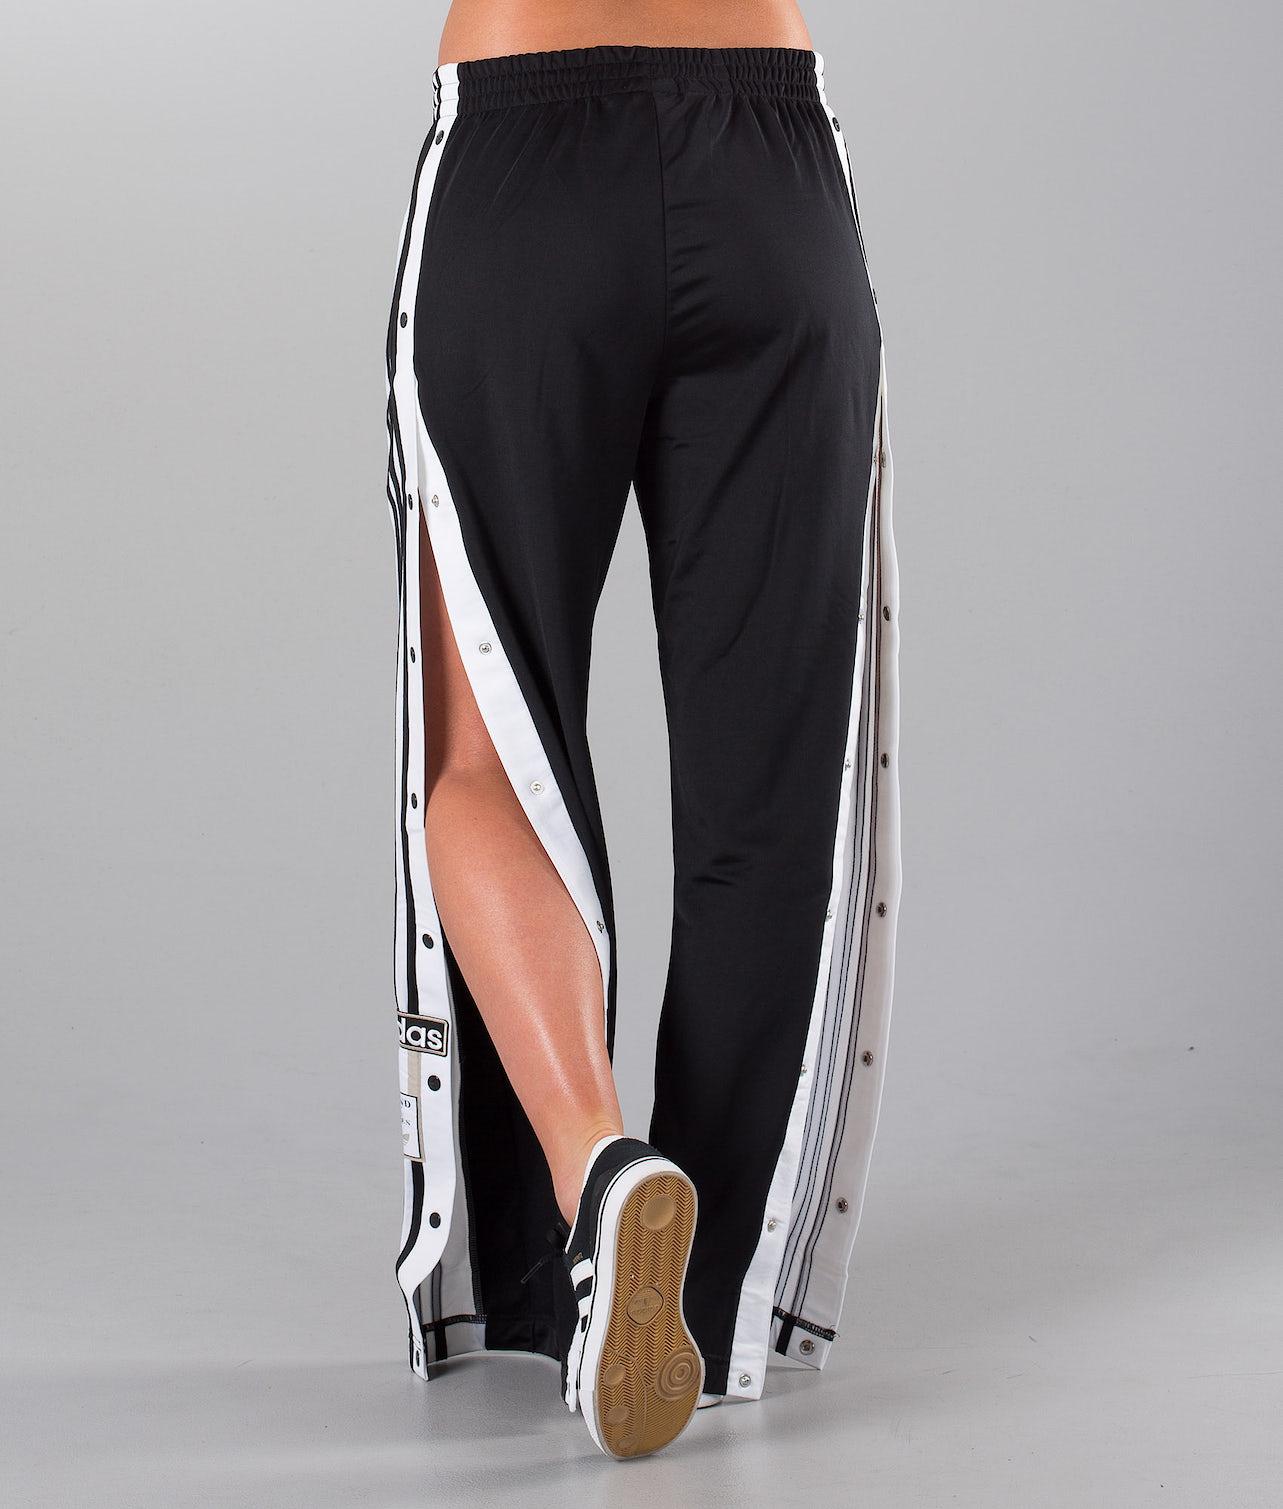 Köp Adibreak  Byxa från Adidas Originals på Ridestore.se Hos oss har du alltid fri frakt, fri retur och 30 dagar öppet köp!